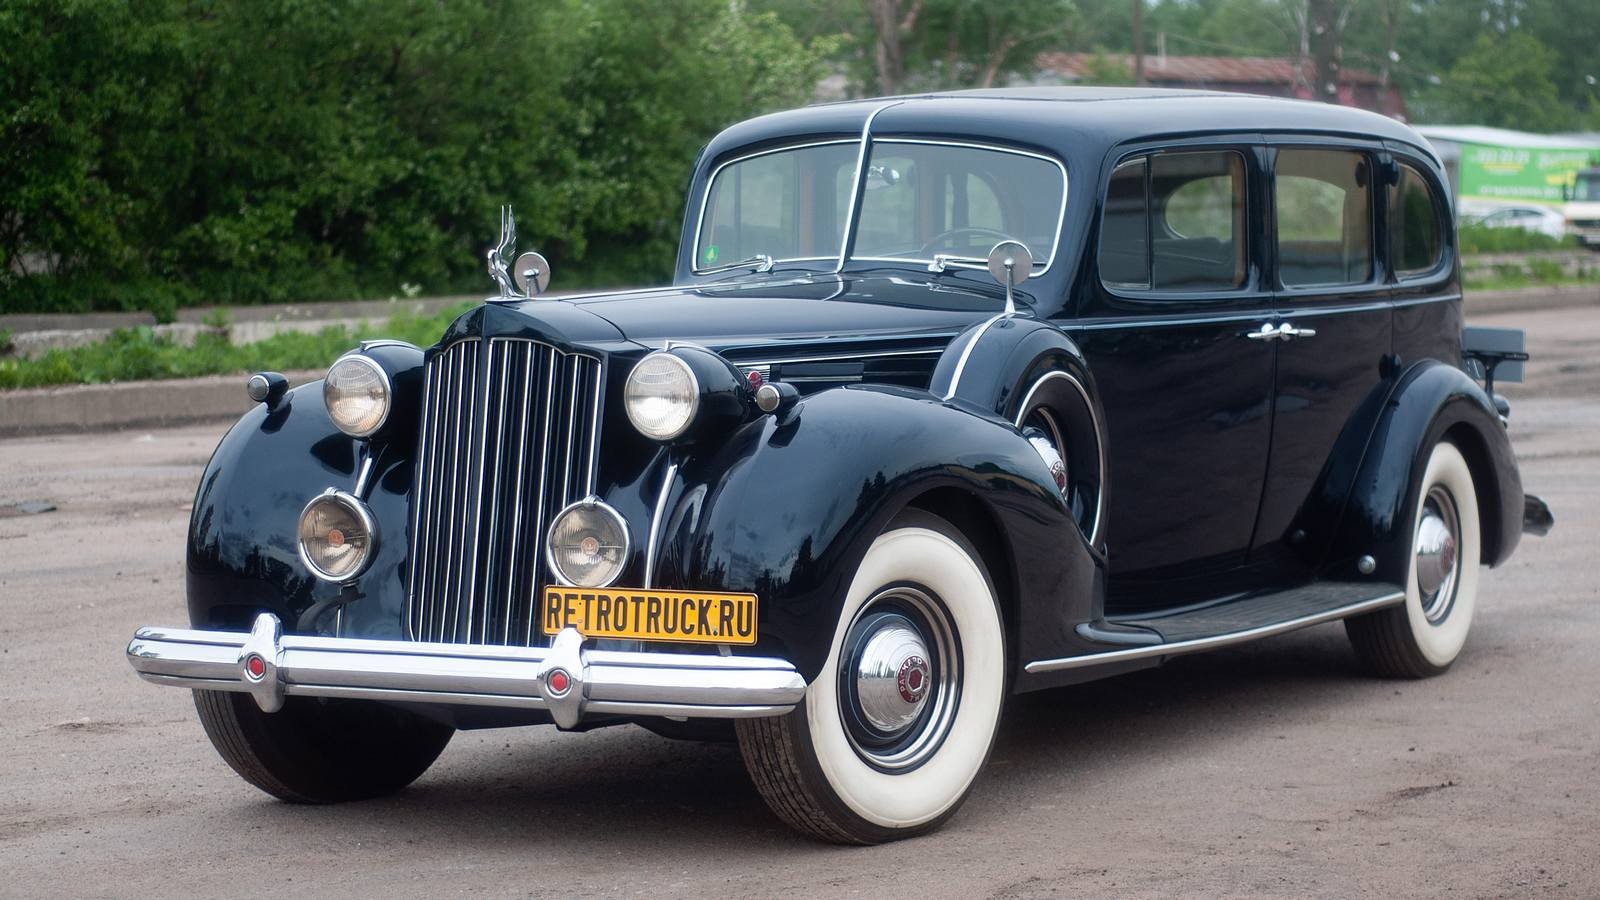 """Зато Packard умел делать дорогие машины. Взгляните на этого восьмидесятилетнего старичка. Вот как вы думаете, сколько у него лошадиных сил? 60? 90? 120? Да как бы ни так. У этой машины под капотом целых 205 """"лошадок"""" при 8,2 литрах объёма… И 205 л.с. для 1939 года — это очень много. Да что там для 1939 — сейчас это тоже неплохая мощность. Правда, и весит машина около трёх тонн. Для объёмности картины поясним, что в 1932 году, когда этот мотор только появился, он развивал всего 160 л.с. при объёме 7,3 л. И его дважды просто """"расточили"""", увеличивая объём. Первый раз — в 1936 году до 7,8 л, второй раз — в 1939 до нынешних 8,2 л.У мотора есть и свои недостатки. Например, регулировка клапанов тут — это не для слабых духом. Нужно снять коллекторы, головки… А на одной """"голове"""" только болтов больше 20 штук. Зачем-то хромированных. Да и вообще настройка этого мотора — процесс сложный. Несмотря даже на скромность, выражающуюся в количестве карбюраторов — тут всего один Stromberg. Впрочем, есть некоторые другие технические изыски.Посмотрите, например, на жалюзи радиатора. Они управляются термостатом: при нагреве механическая тяга их открывает, а когда охлаждающая жидкость (в Америке в это время она уже появилась) остывает, тяга их закрывает. Просто и интеллигентно.Ну, а в остальном тут стоит смотреть на детали. Подсветка подножек, пепельницы с деревянными накладками, опоры для ног, которые сзади можно вытянуть полностью, кармашки для мелочи…Обратите внимание на красивое решение, которое позволило не сокращая объём багажника оставить много пространства задним пассажирам.видео из инстаграмаЧтобы меня не закидали помидорами за чрезмерное почитание американского автомобильного гения, я всё-таки придерусь к некоторым мелочам. Вот, например, крыша…видео из инстаграмаА ещё один серьёзный недостаток можно обнаружить за рулём."""